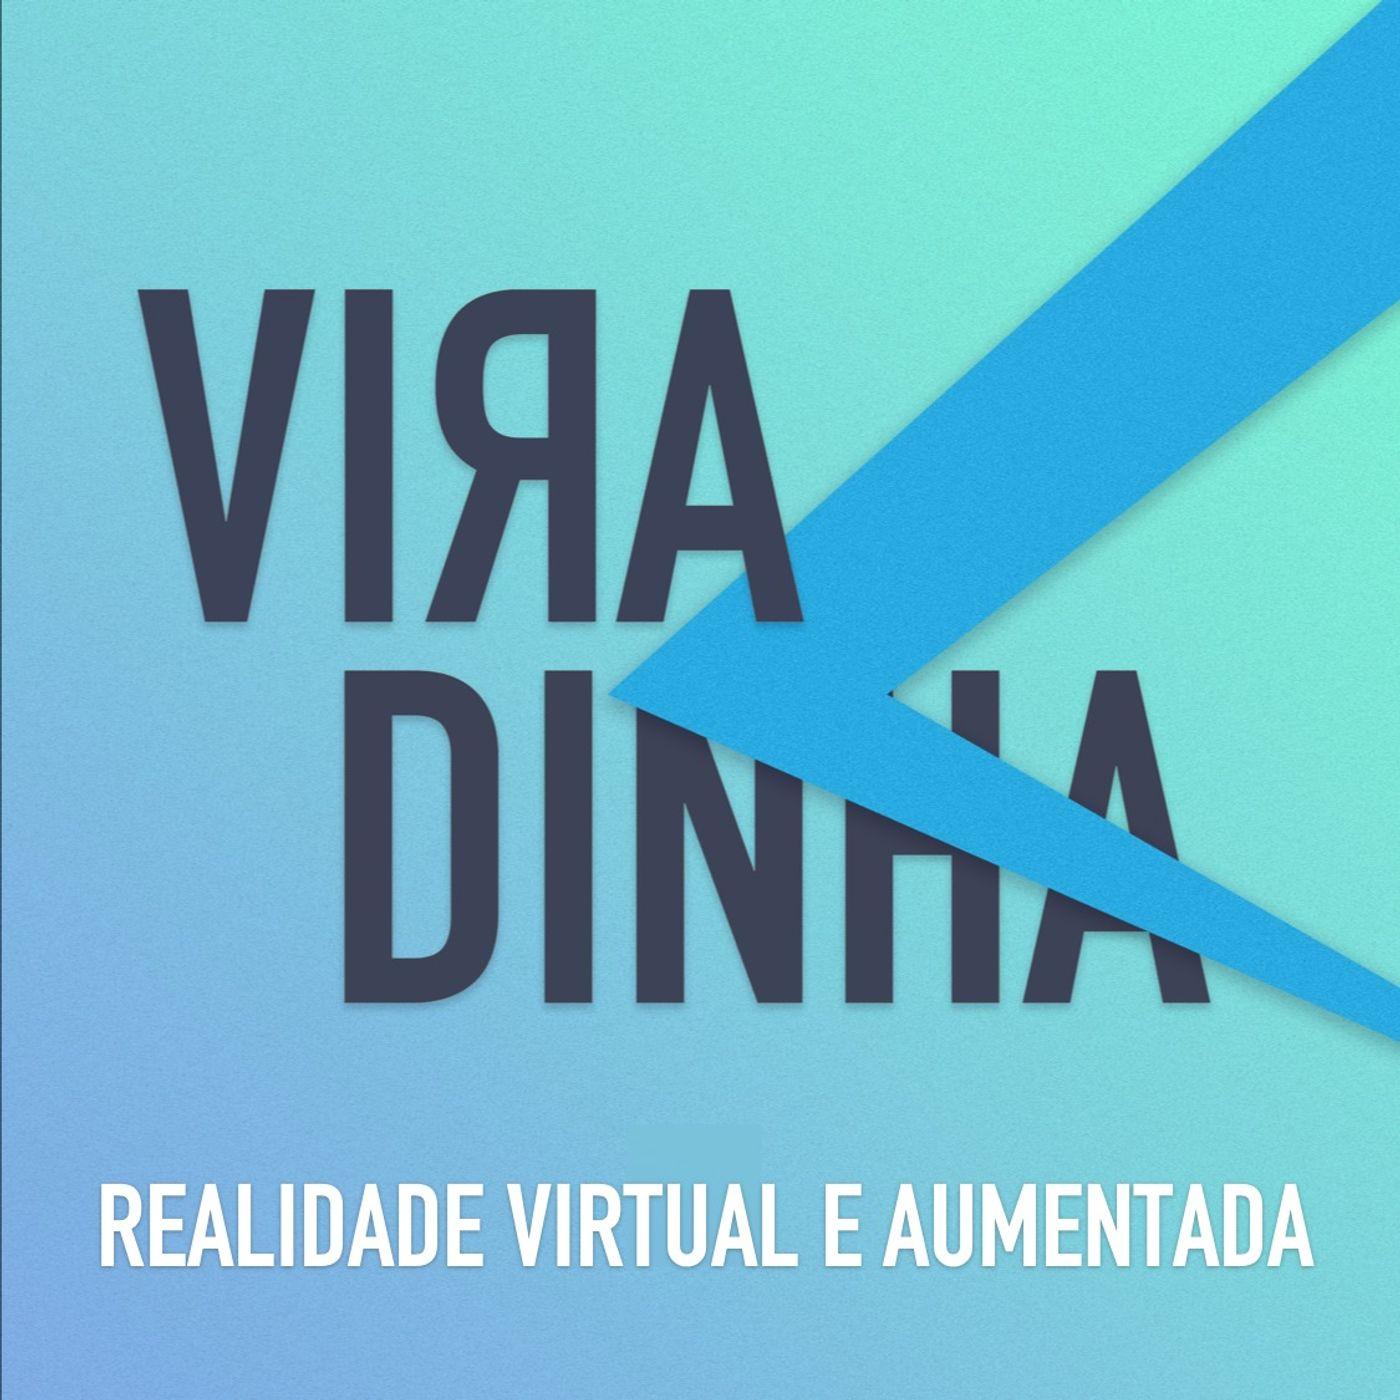 [Bônus] Viradinha: Realidade Virtual e Aumentada